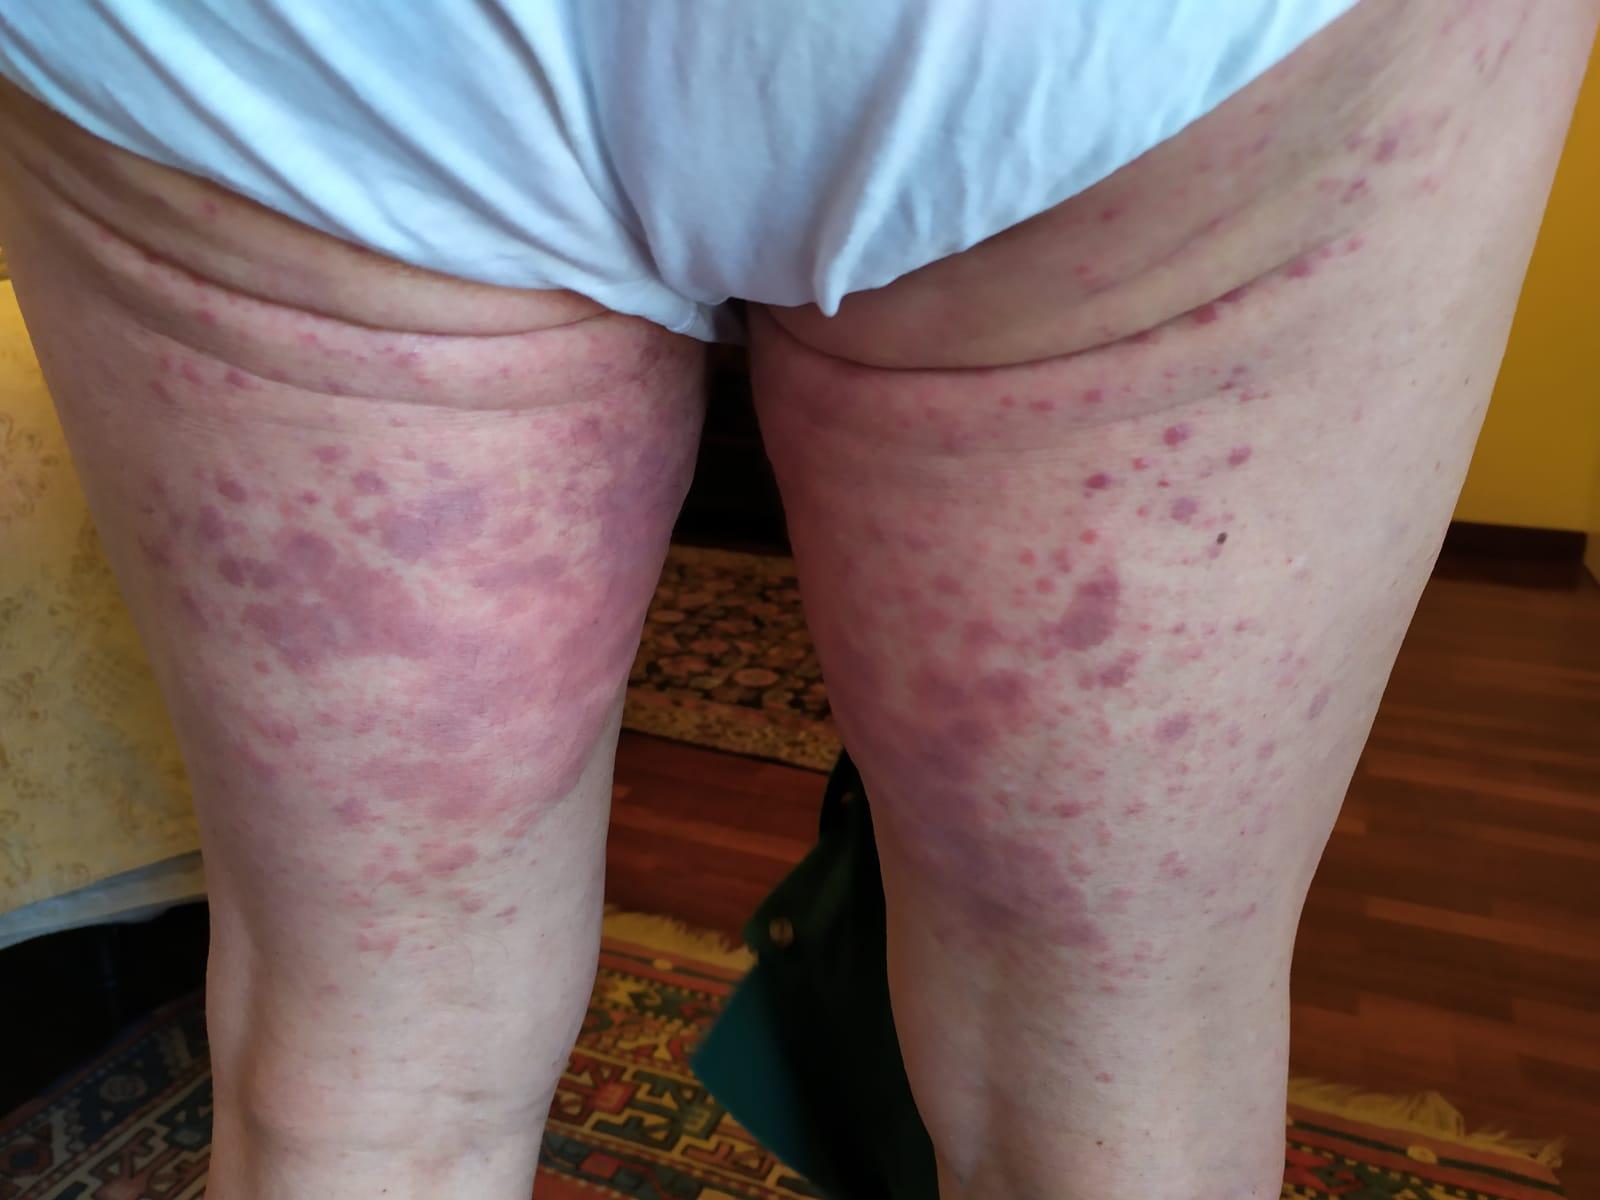 Dermatite papulo-eritematosa pre-diagnosi Covid-19